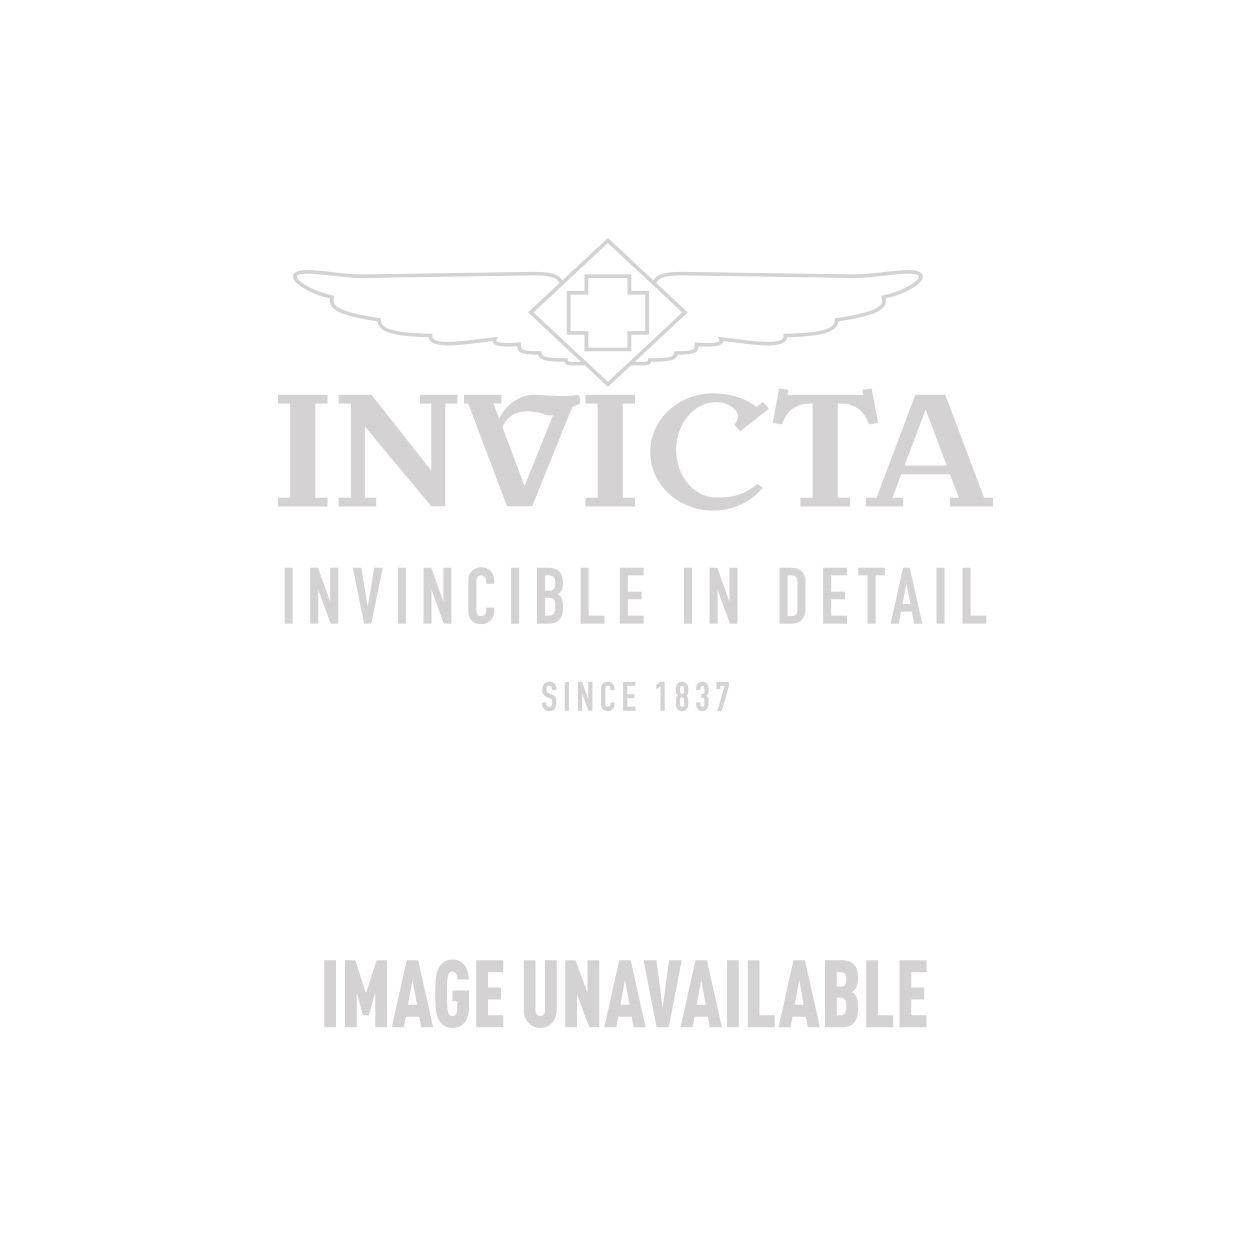 Invicta Model 28562